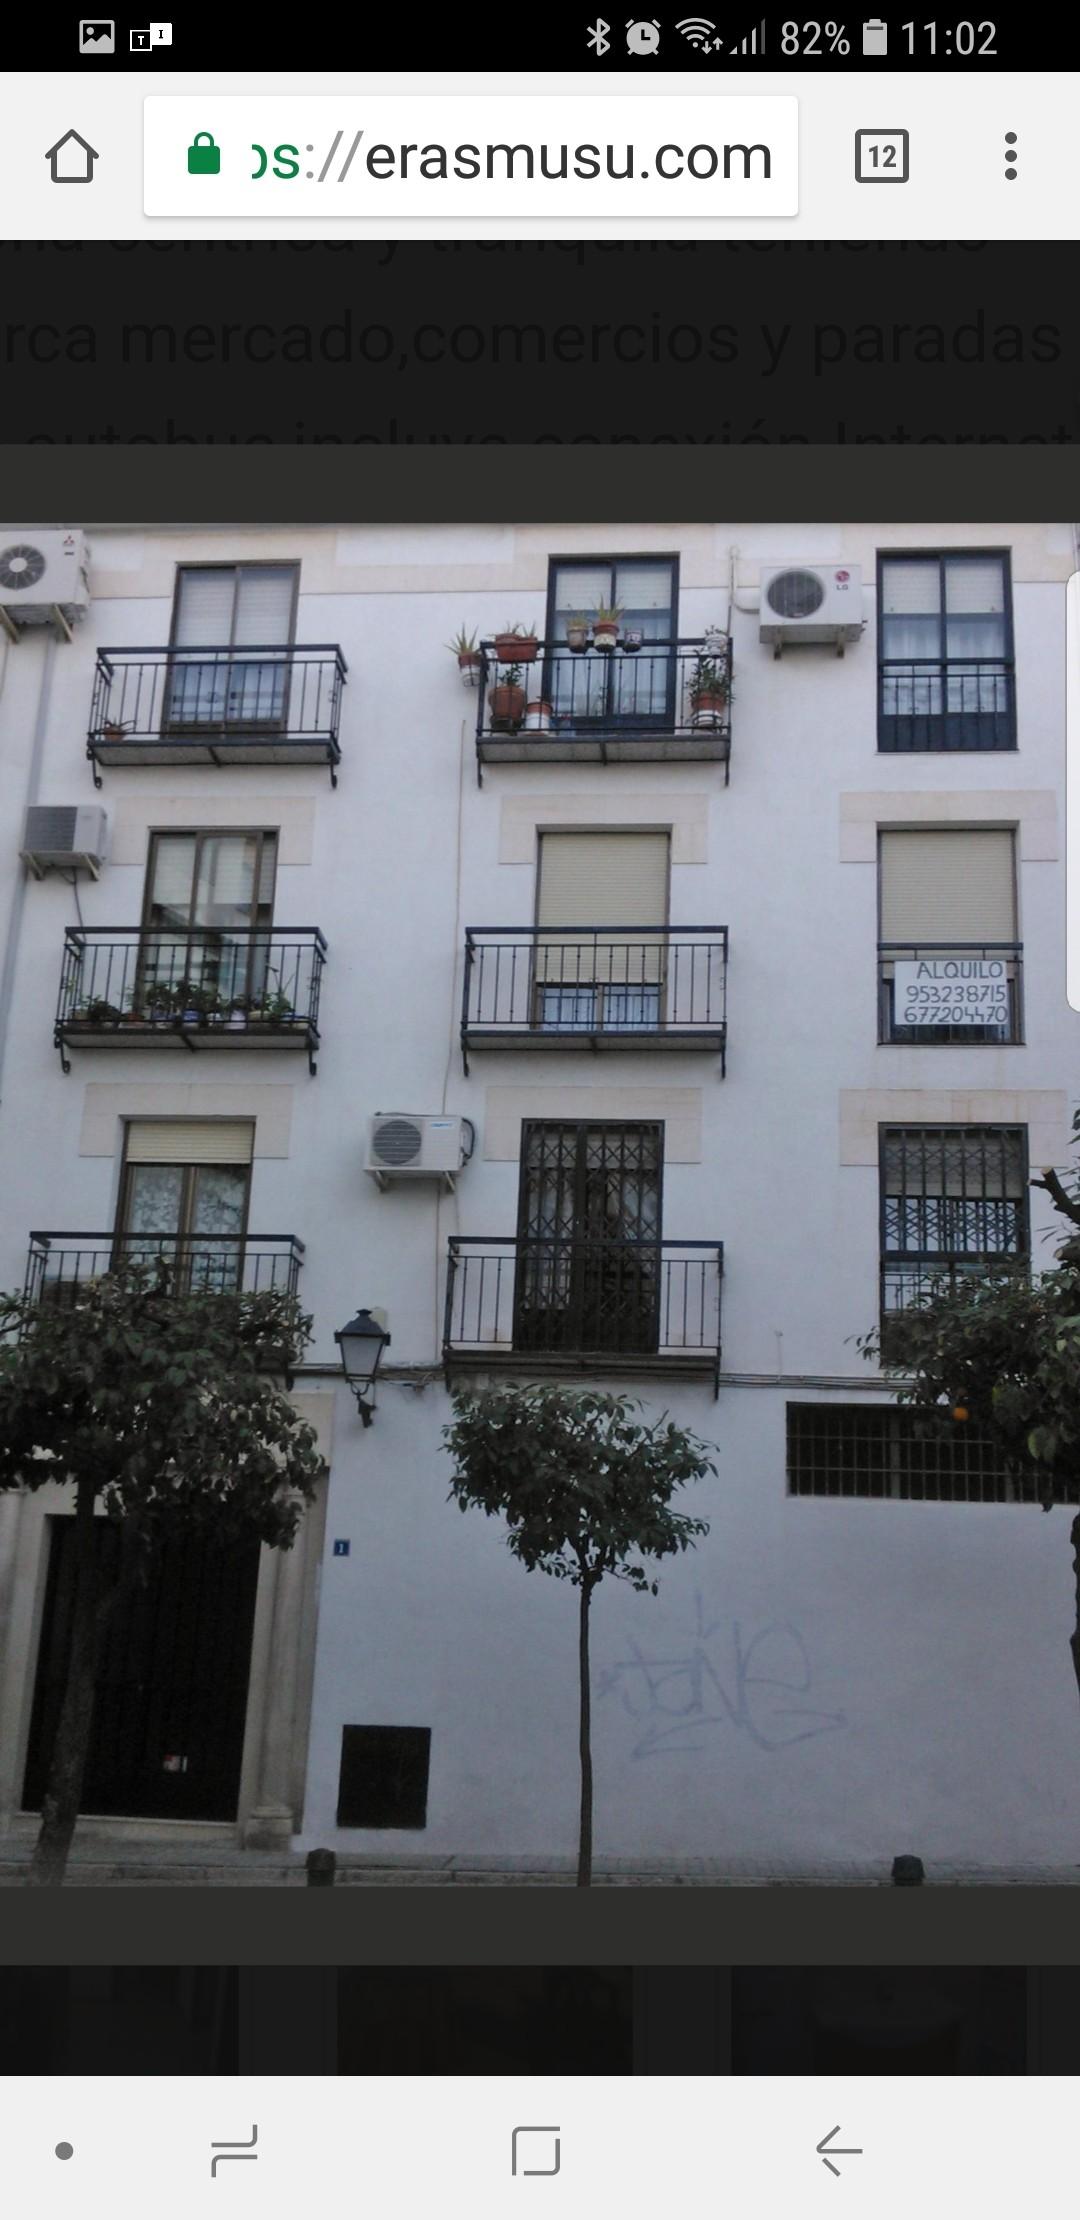 appartamento-nel-centro-storico-di-jaensolo-donne-76417b918675d22a681034f89e1e05ce